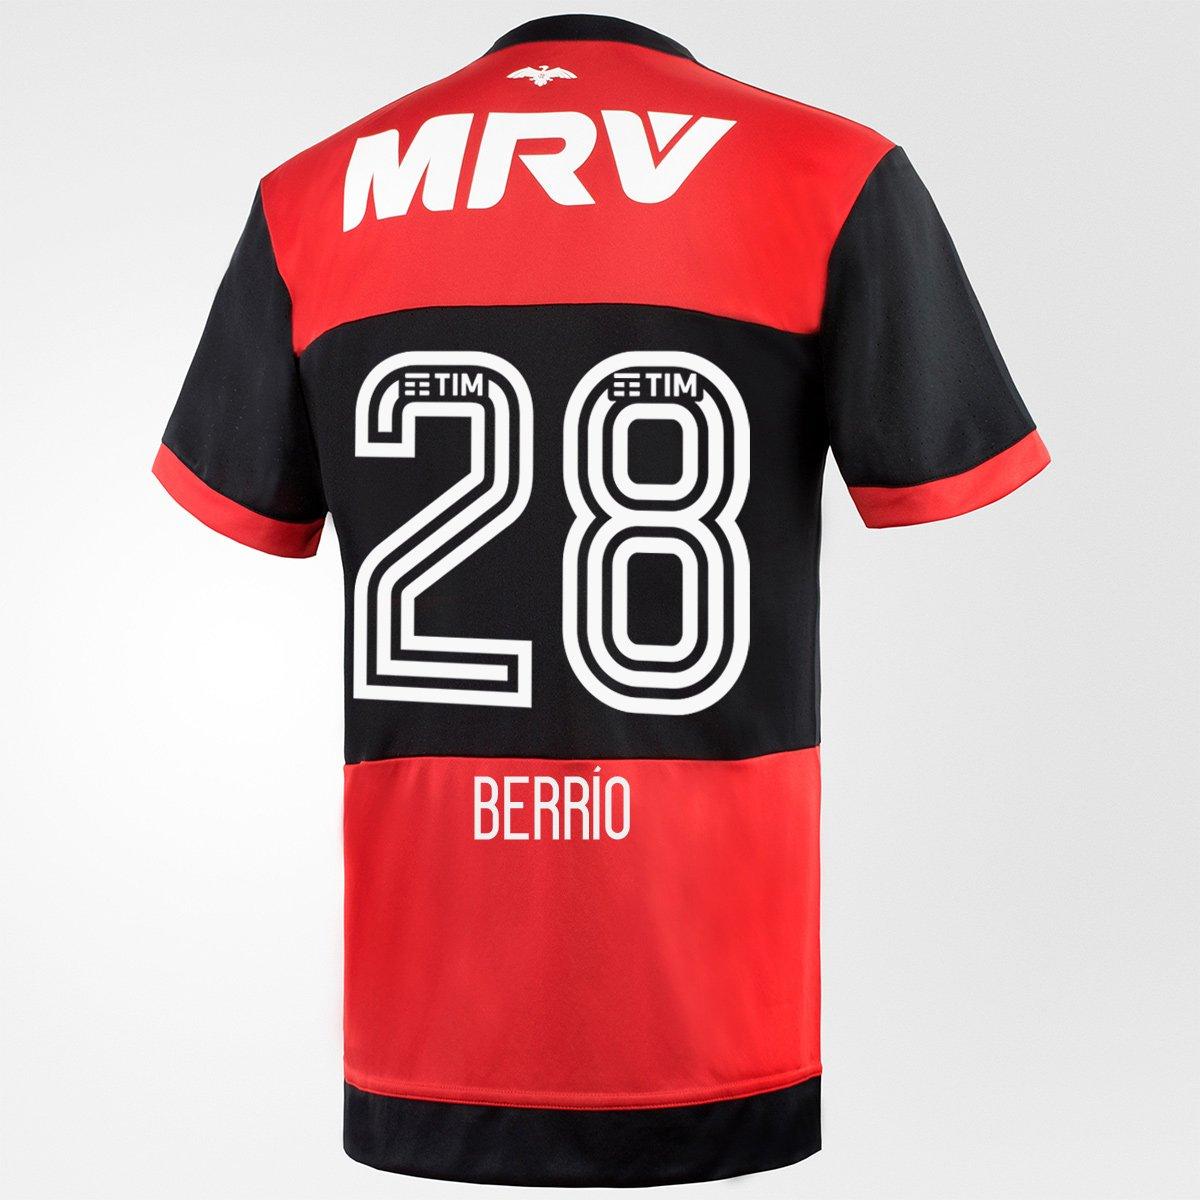 Camisa Adidas Flamengo I 17 18 nº 28 - Berrío - Compre Agora  77b1fd139efb3